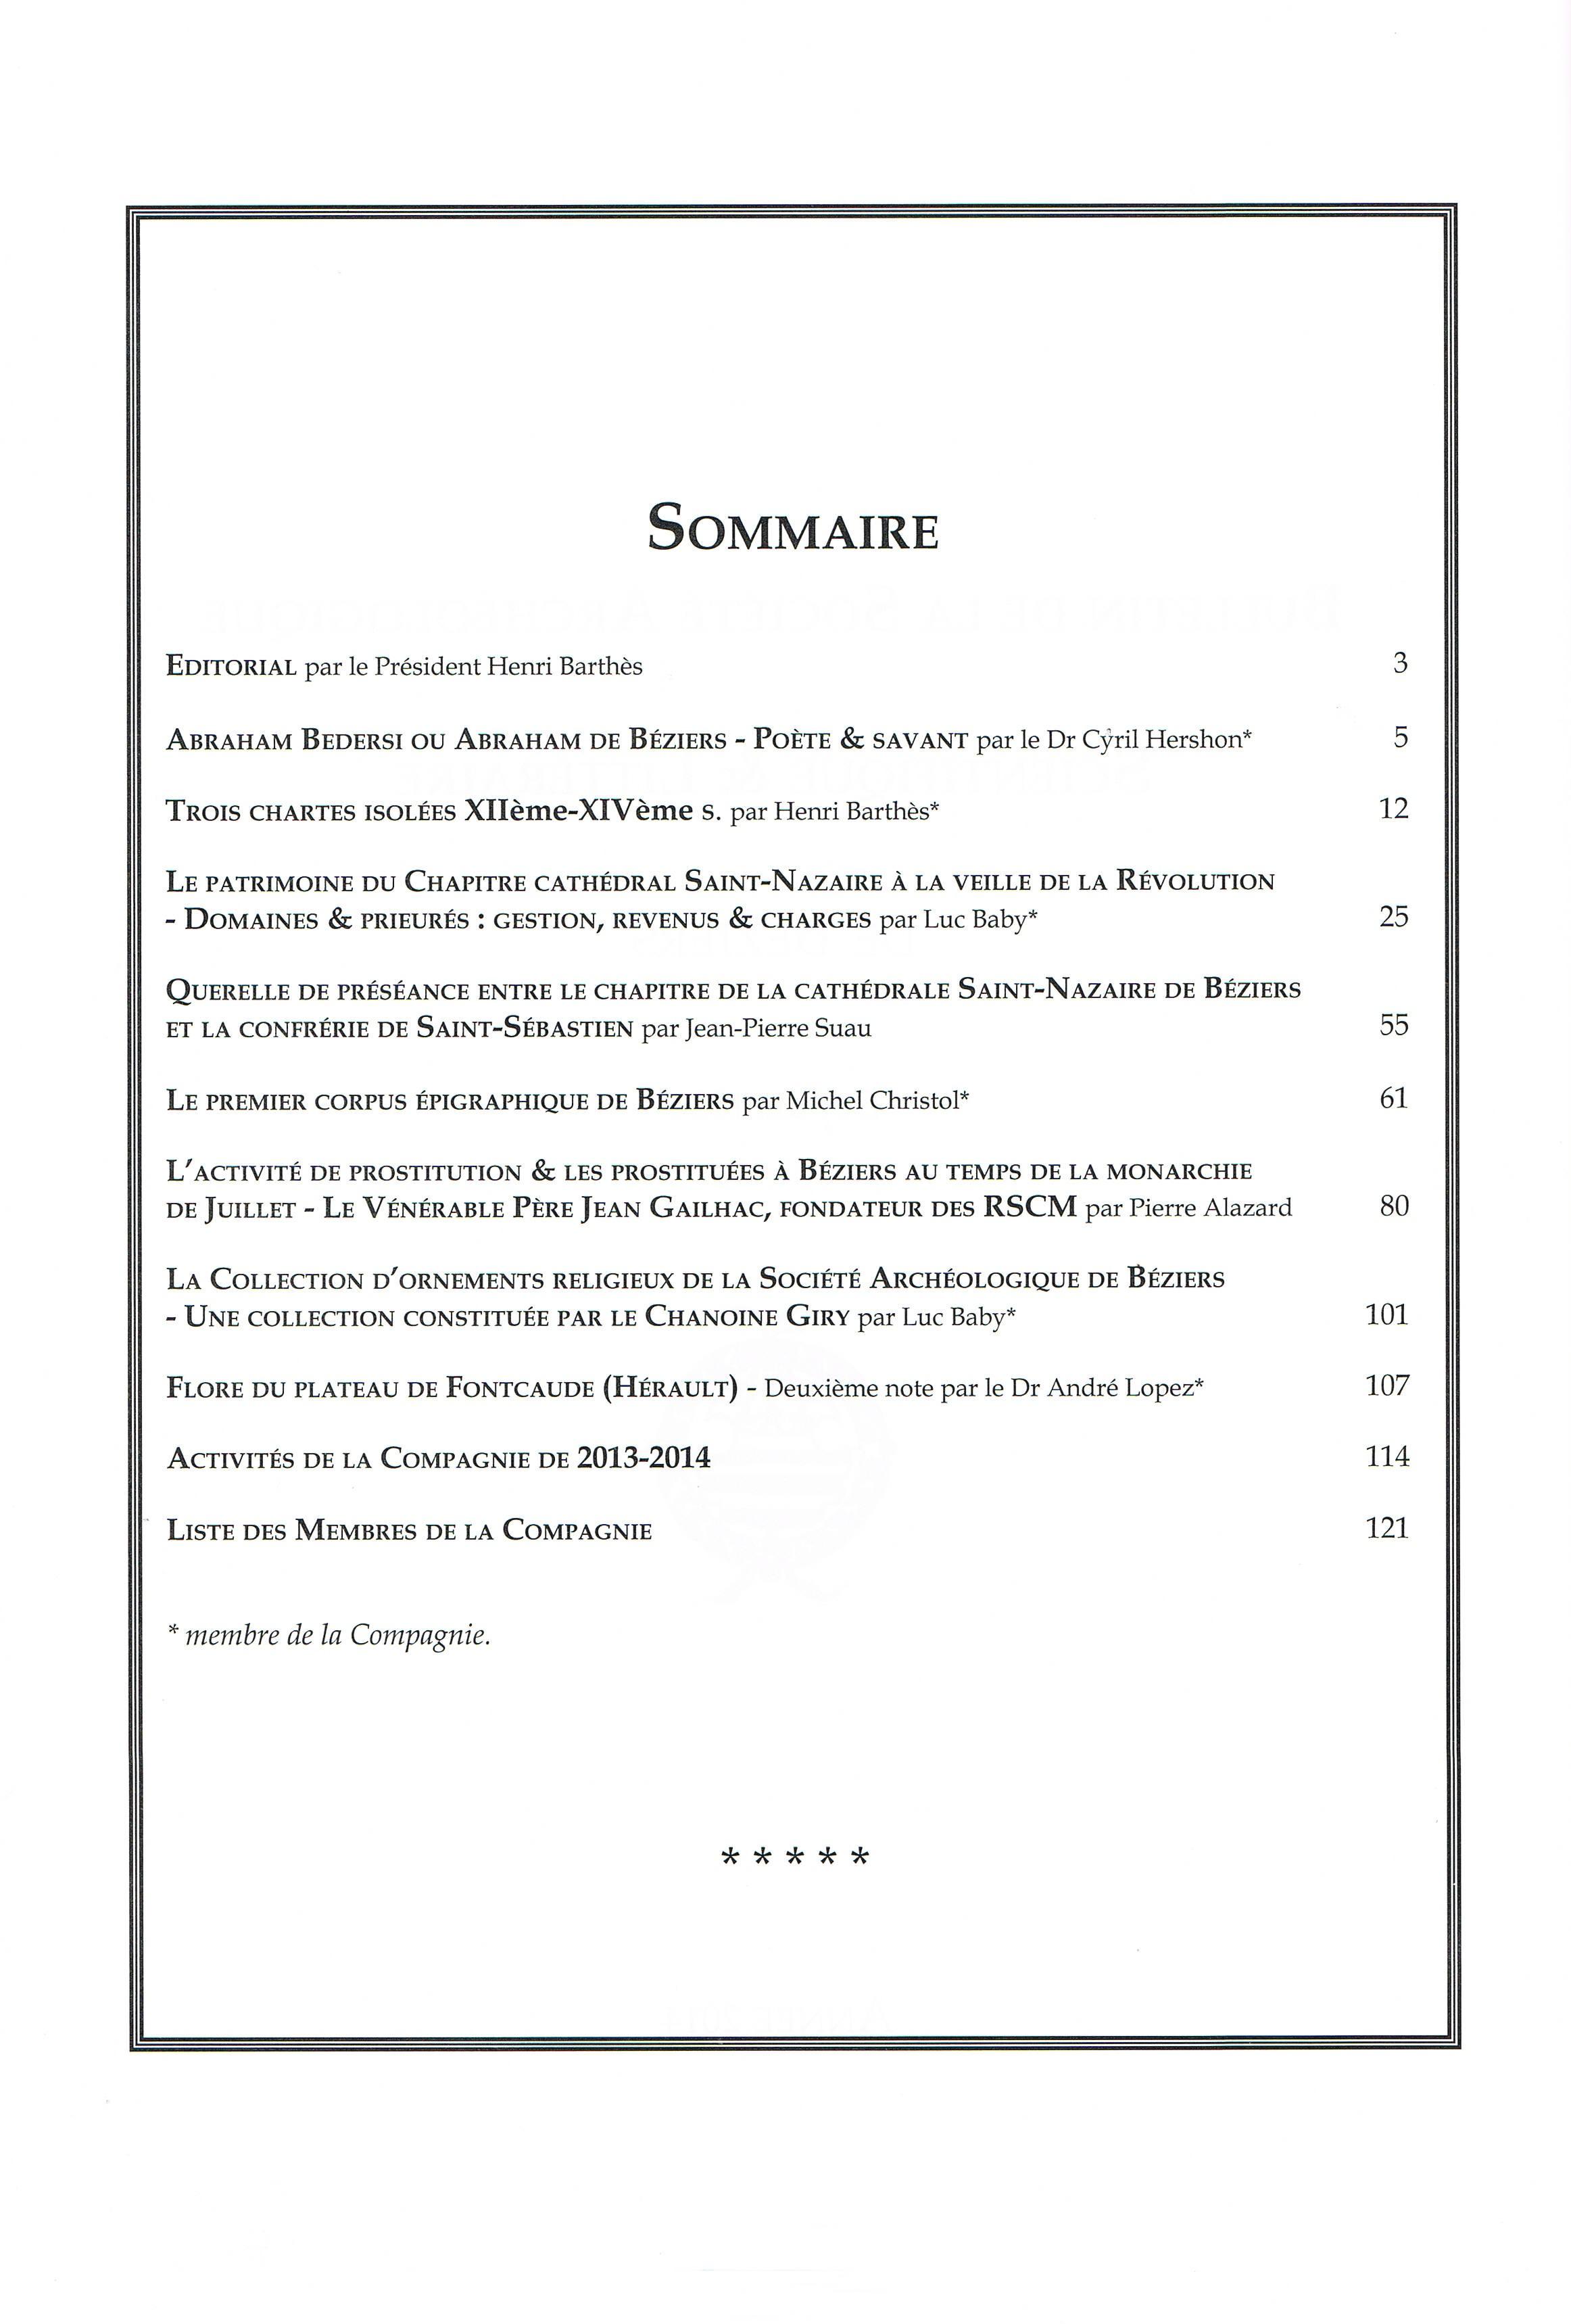 Bulletin_2014_sommaire